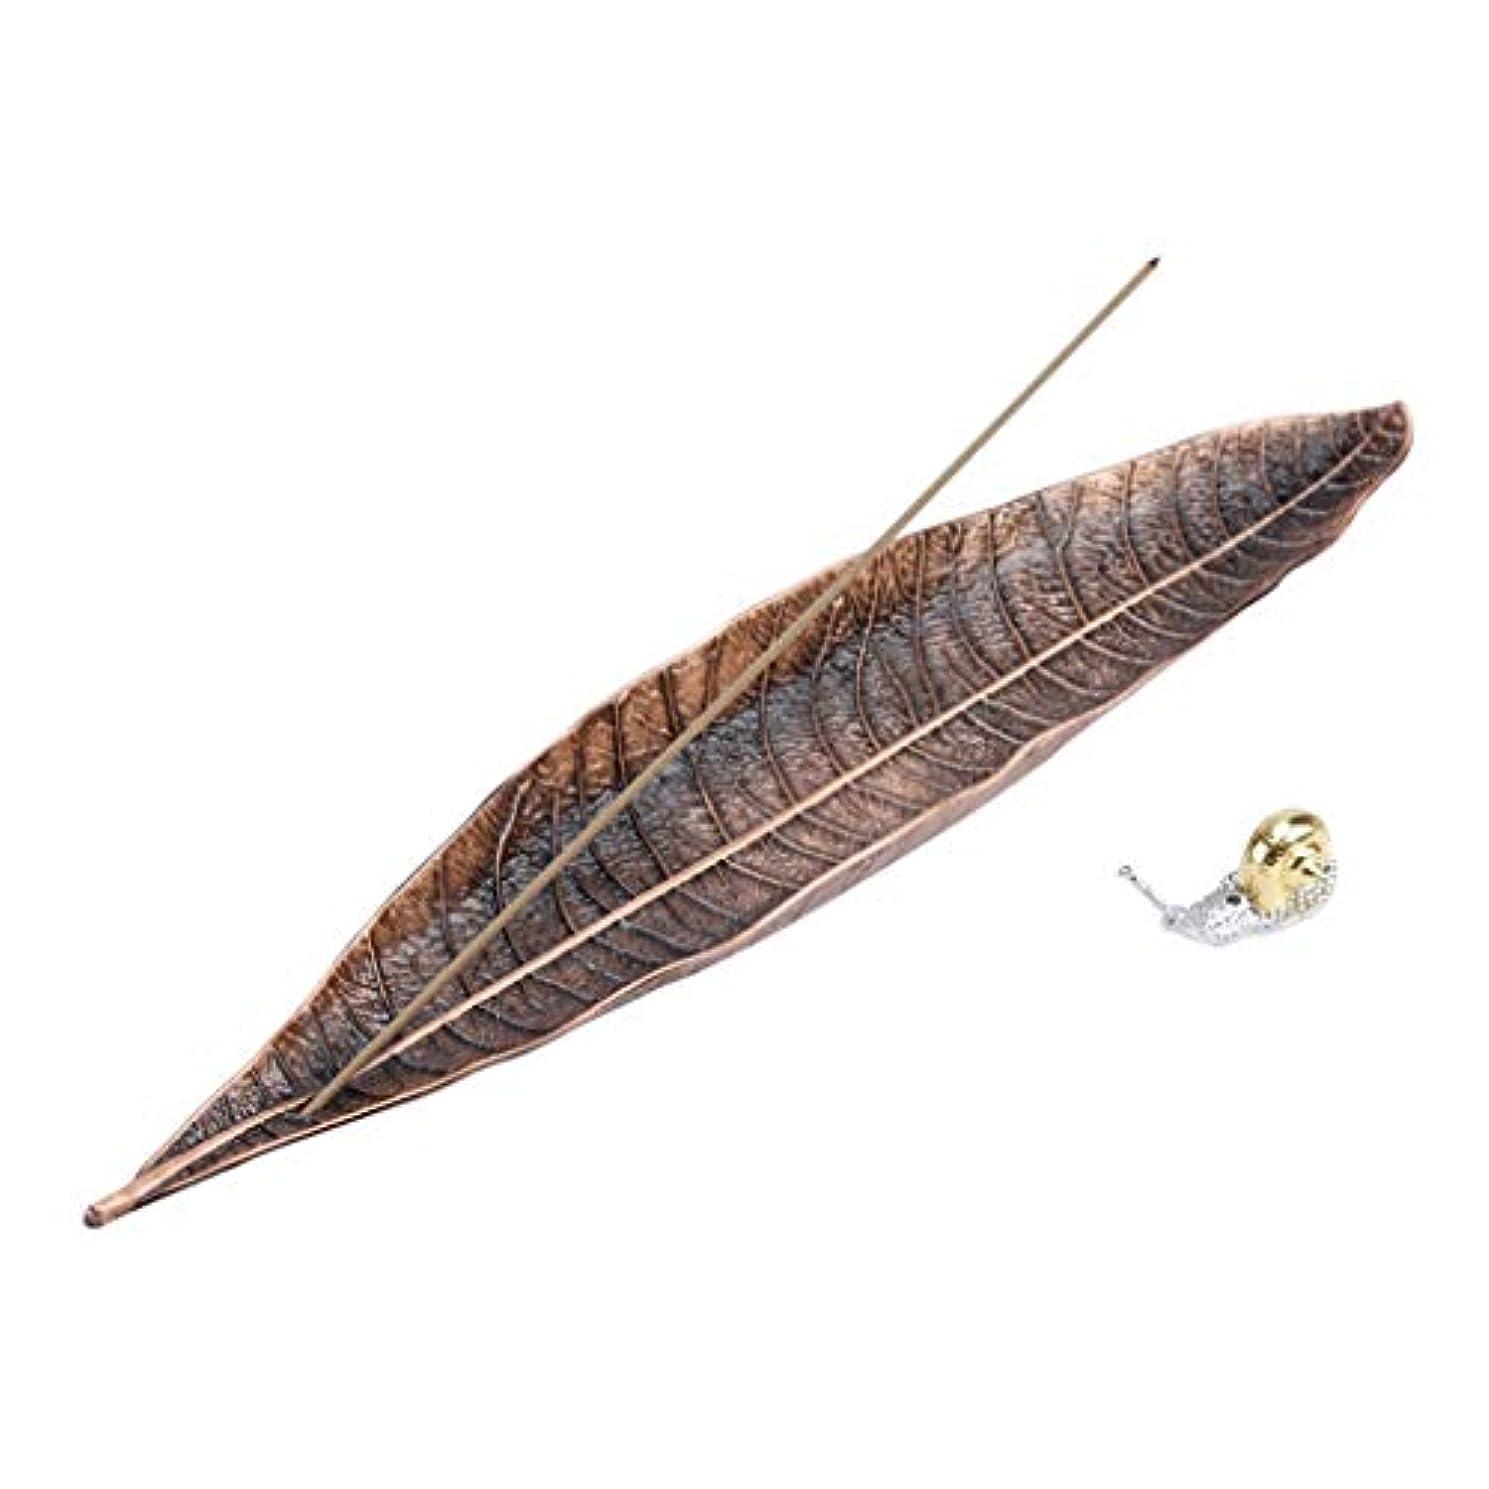 デッドロック先史時代の悪質なホームアロマバーナー カタツムリの香の棒のホールダーの家の装飾の付属品が付いている葉の香のホールダーの灰のキャッチャーの長い香バーナー 芳香器アロマバーナー (Color : A)